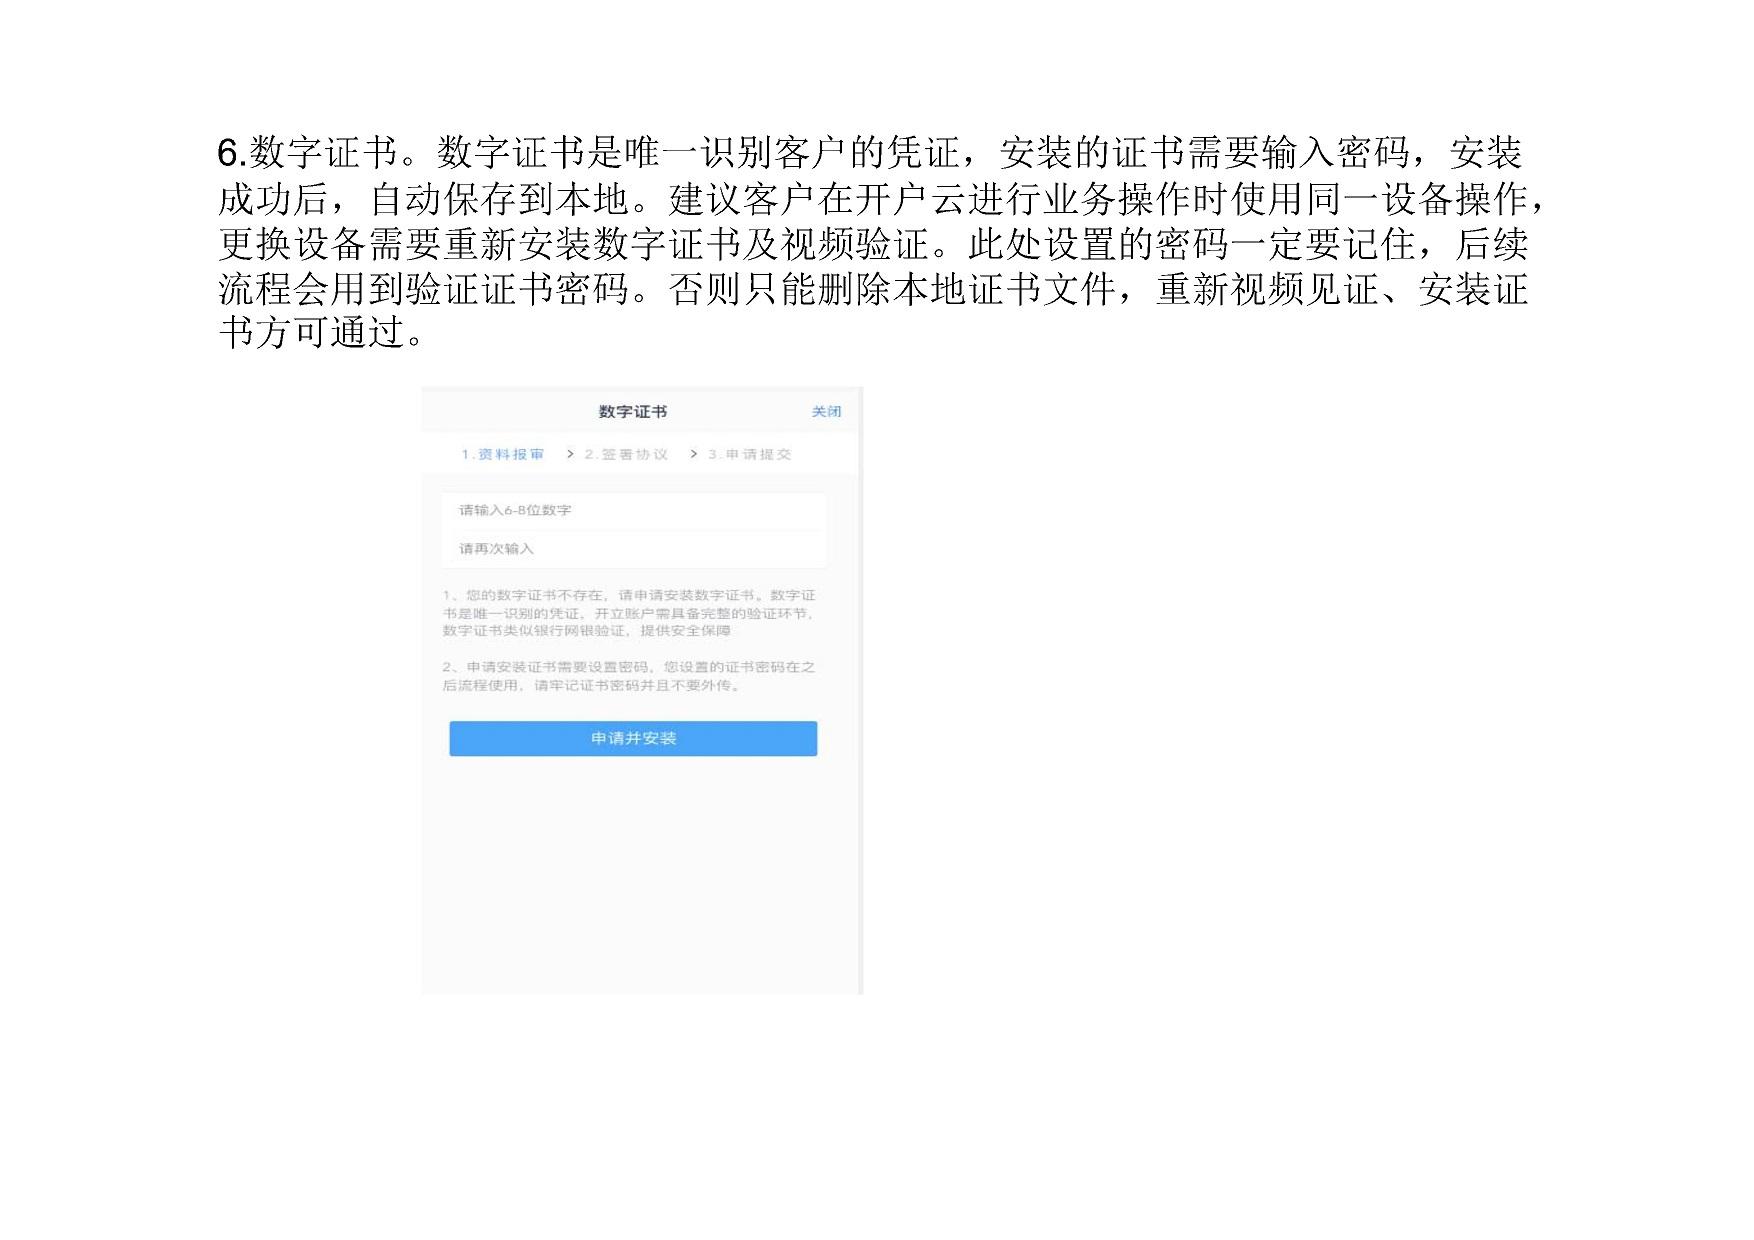 商品期货开户流程_Page14.jpg